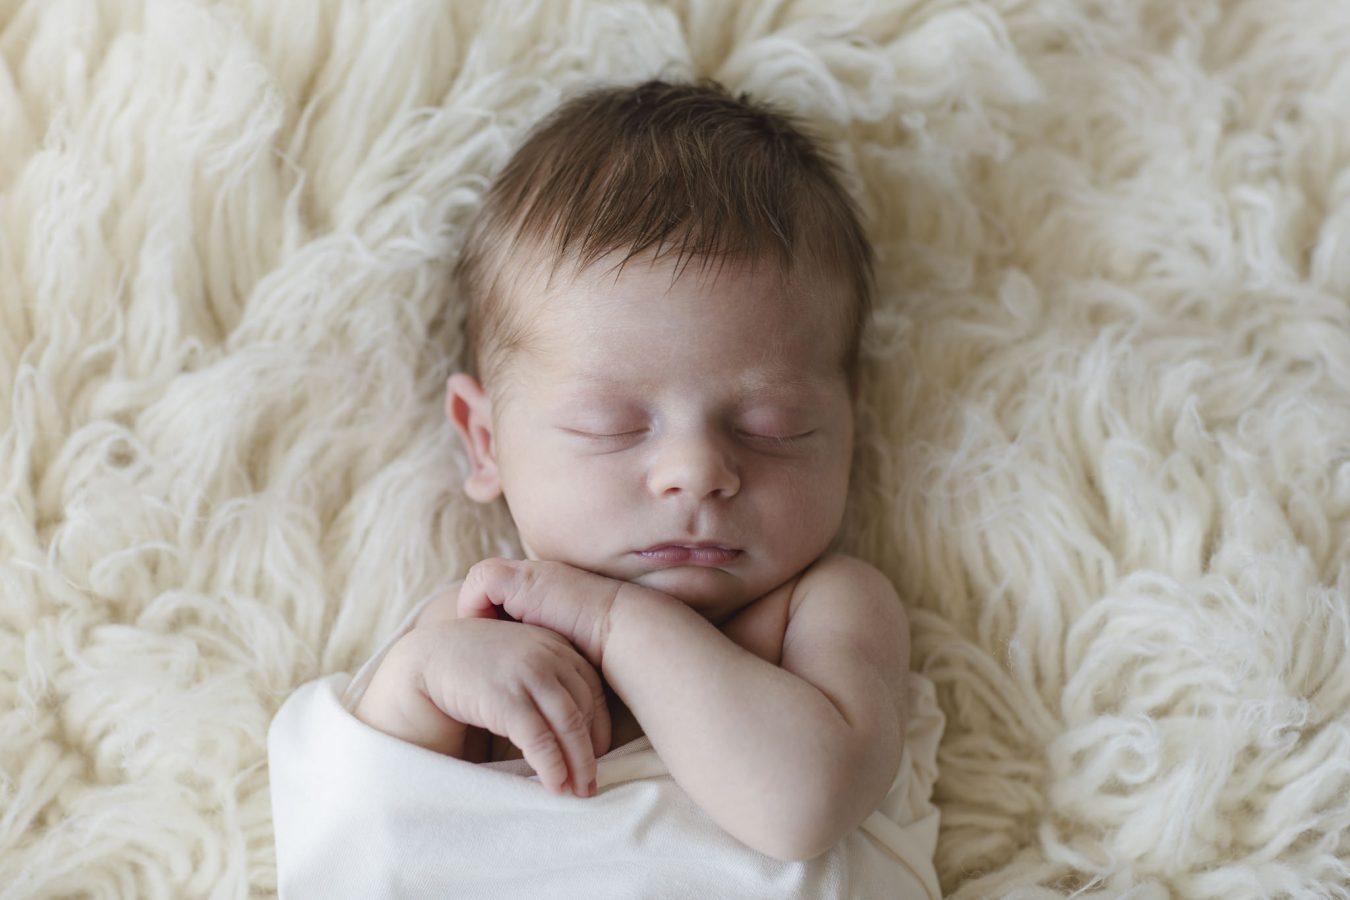 Babyfotograf Hamburg - Baby liegt in einem Wrap eingewickelt auf einem Flokati und schläft